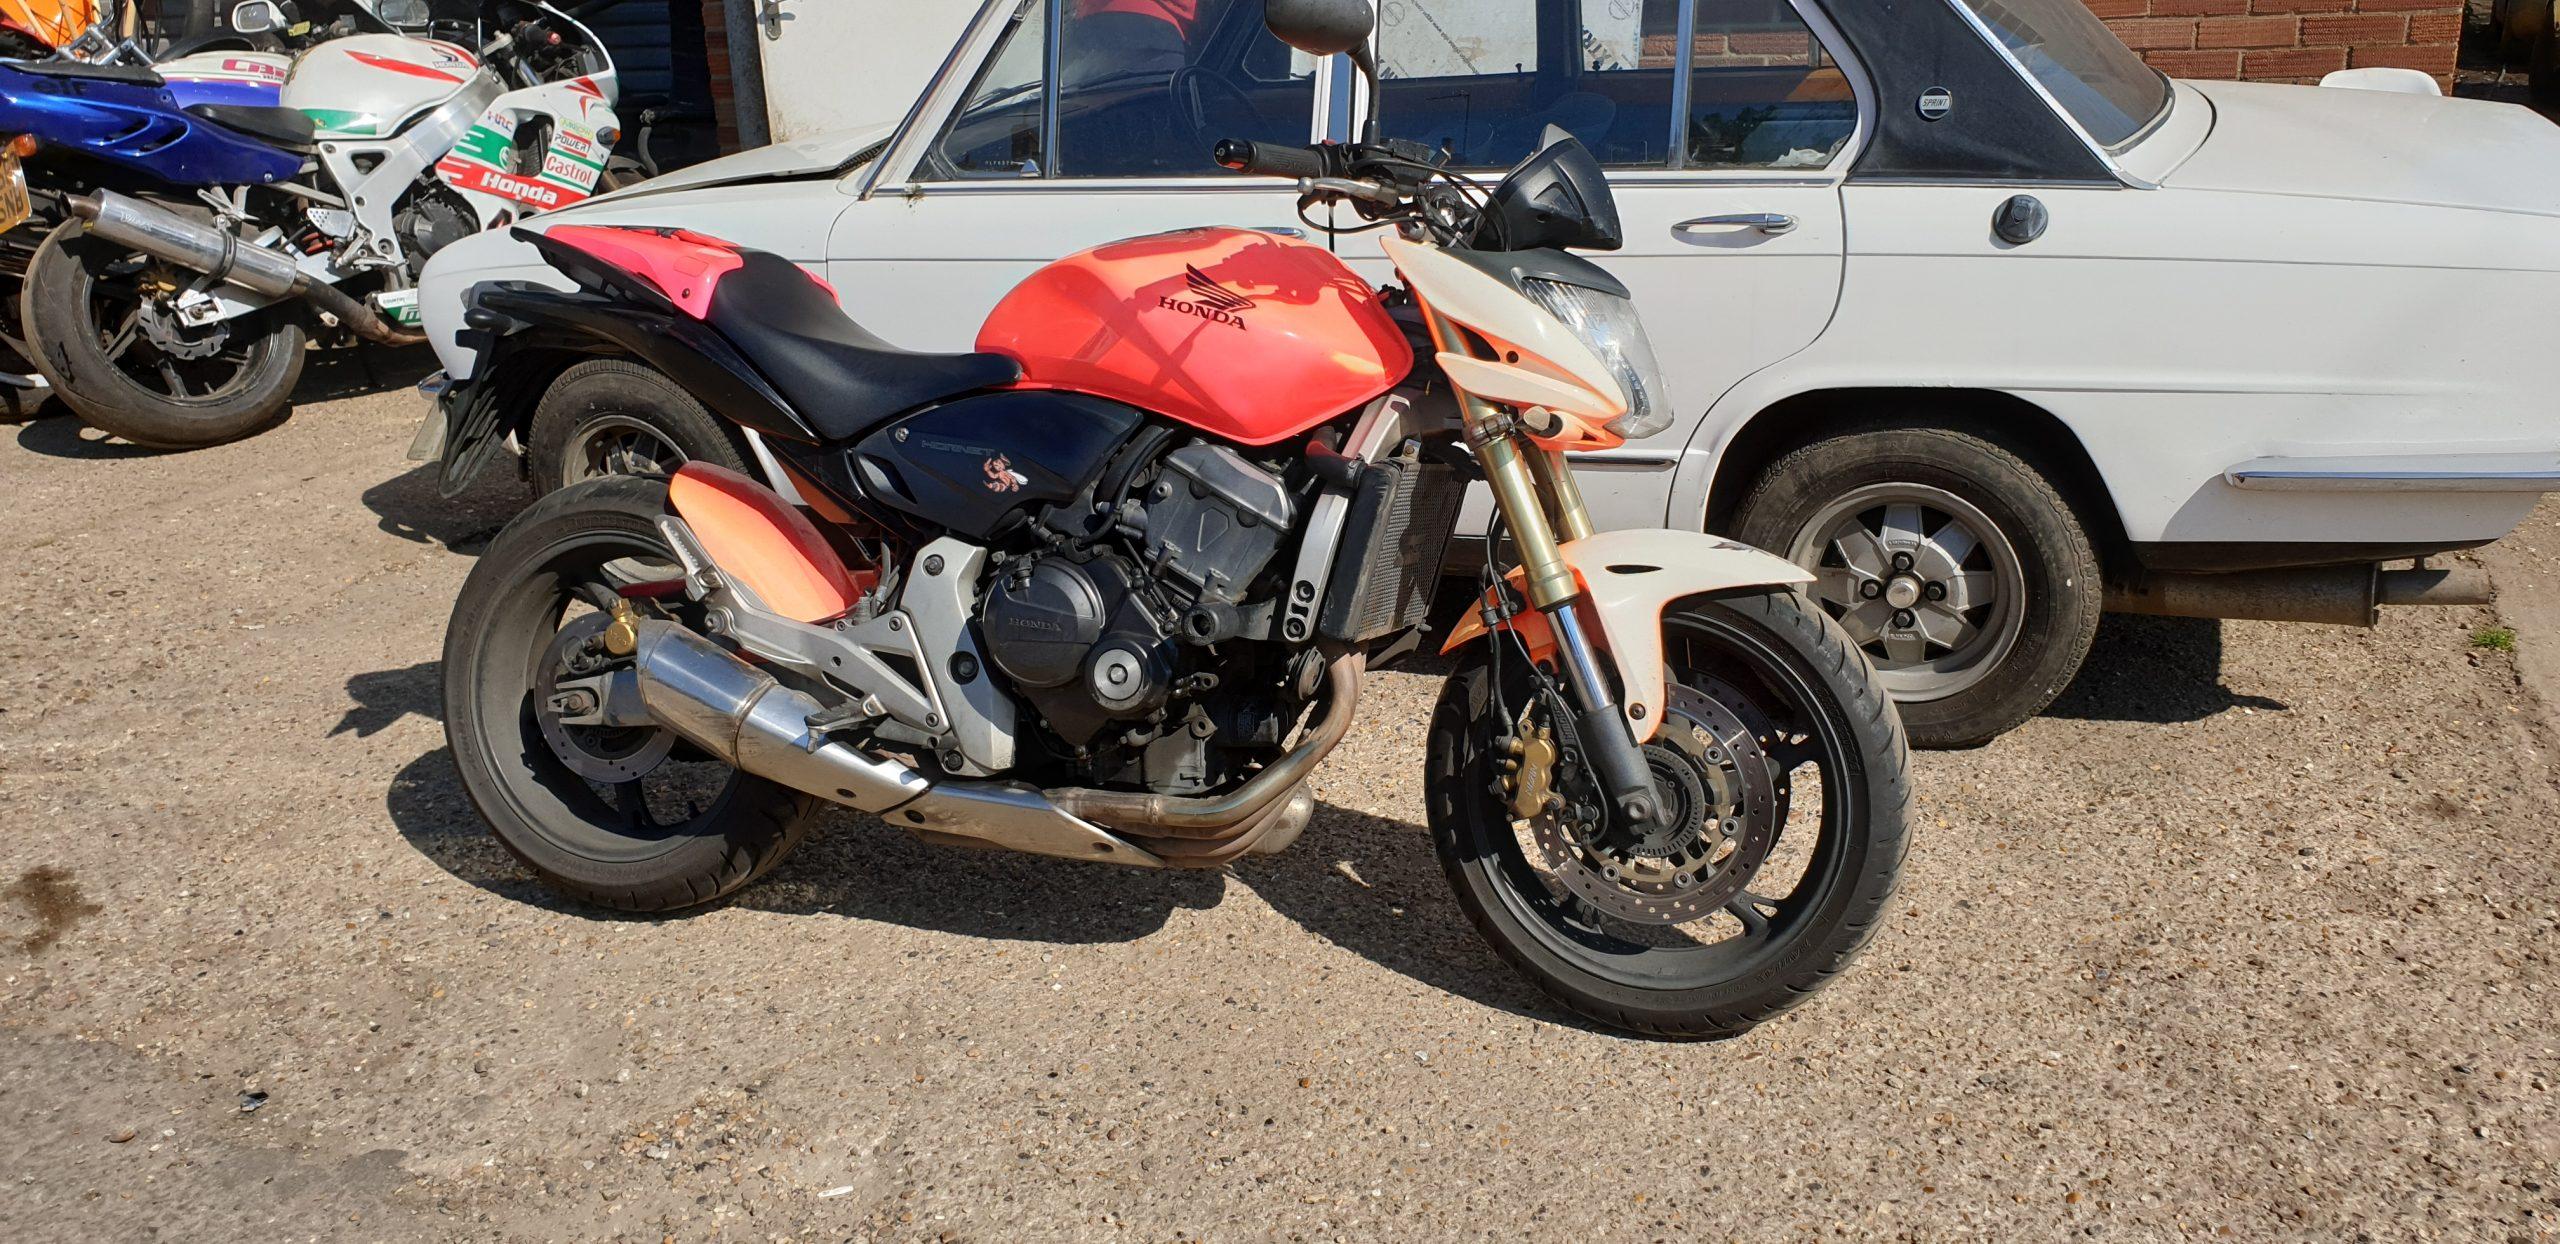 Honda CB600F Hornet – Pam